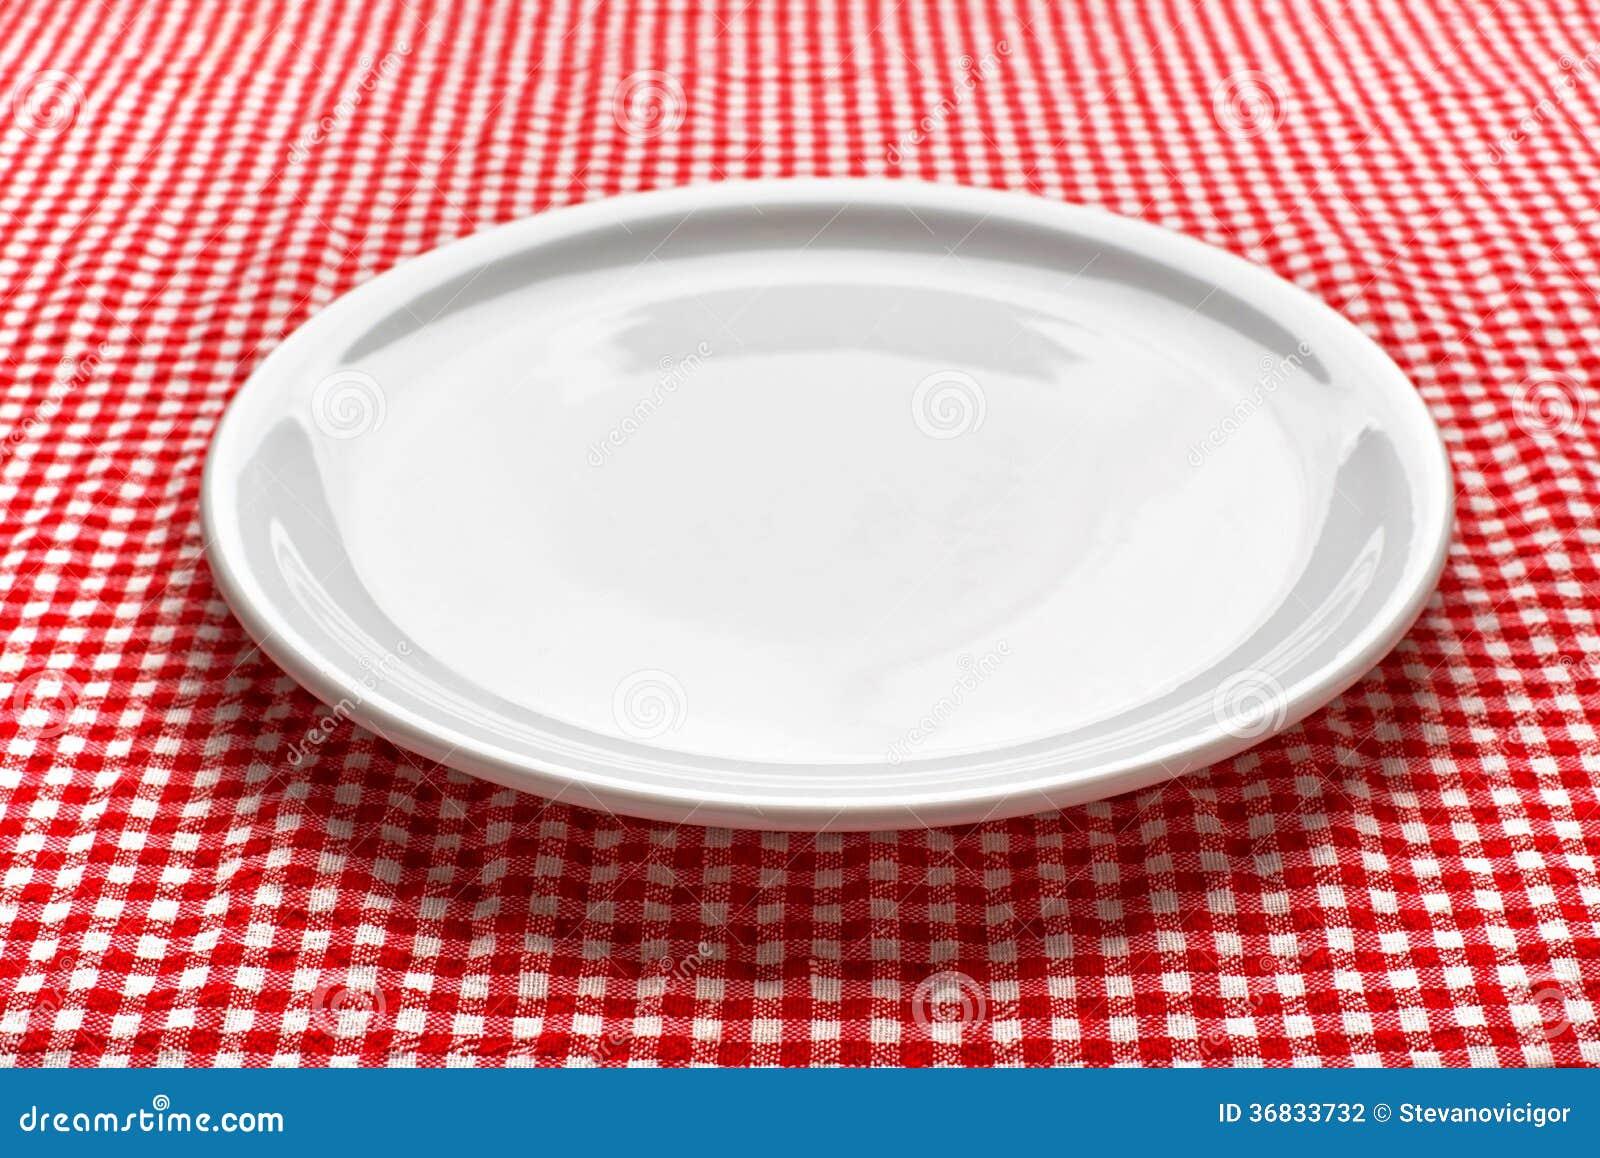 Piatto vuoto sul tavolo da cucina fotografia stock for Piatti di cucina